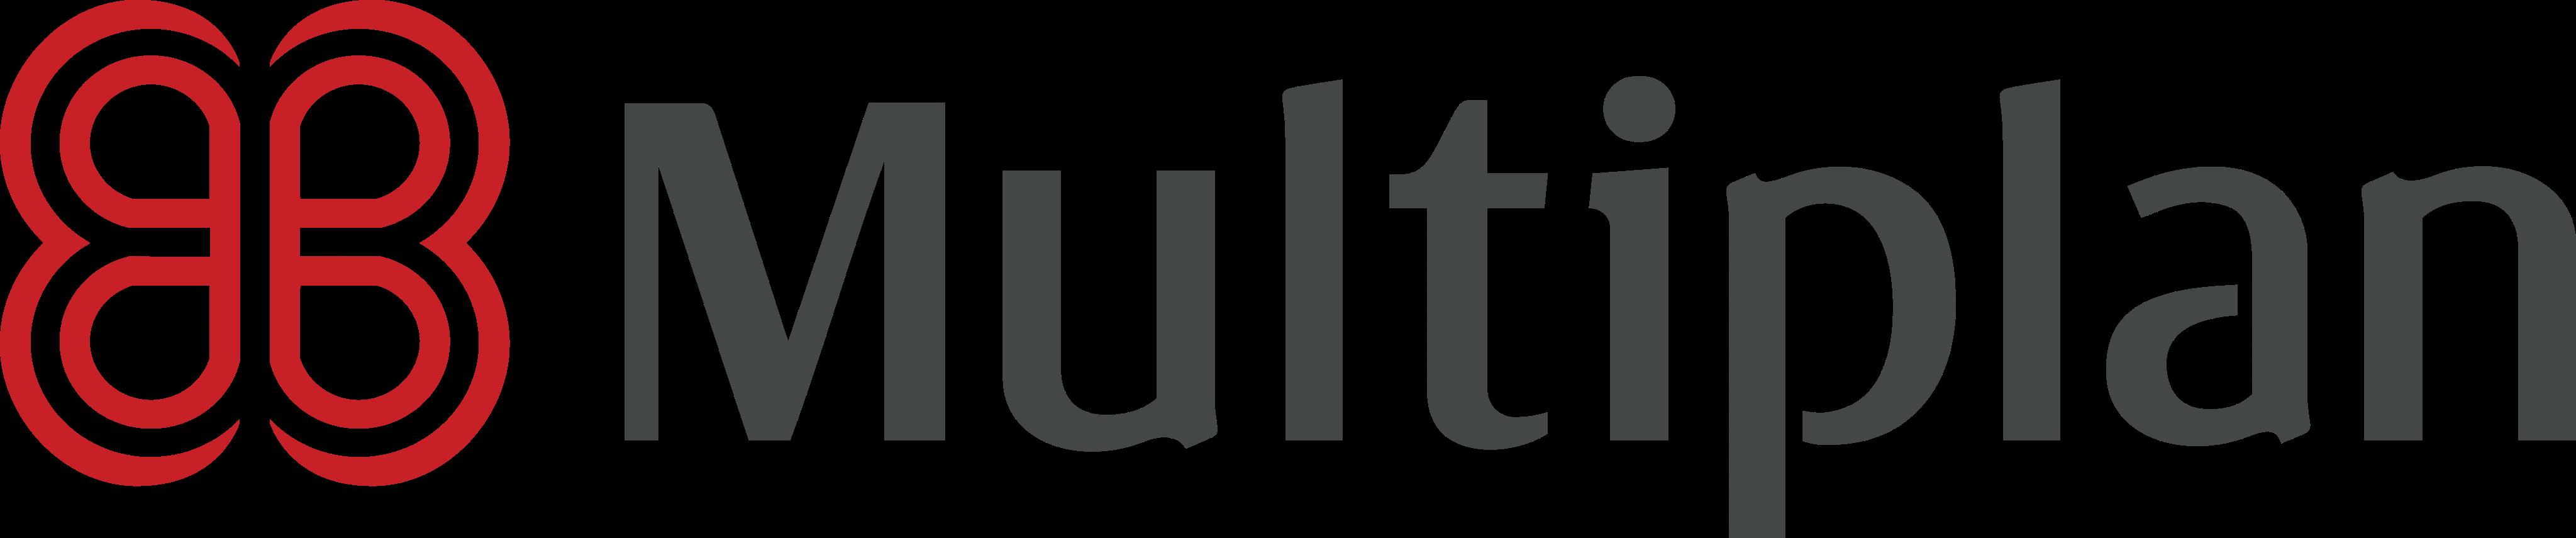 multiplan logo - Multiplan Logo